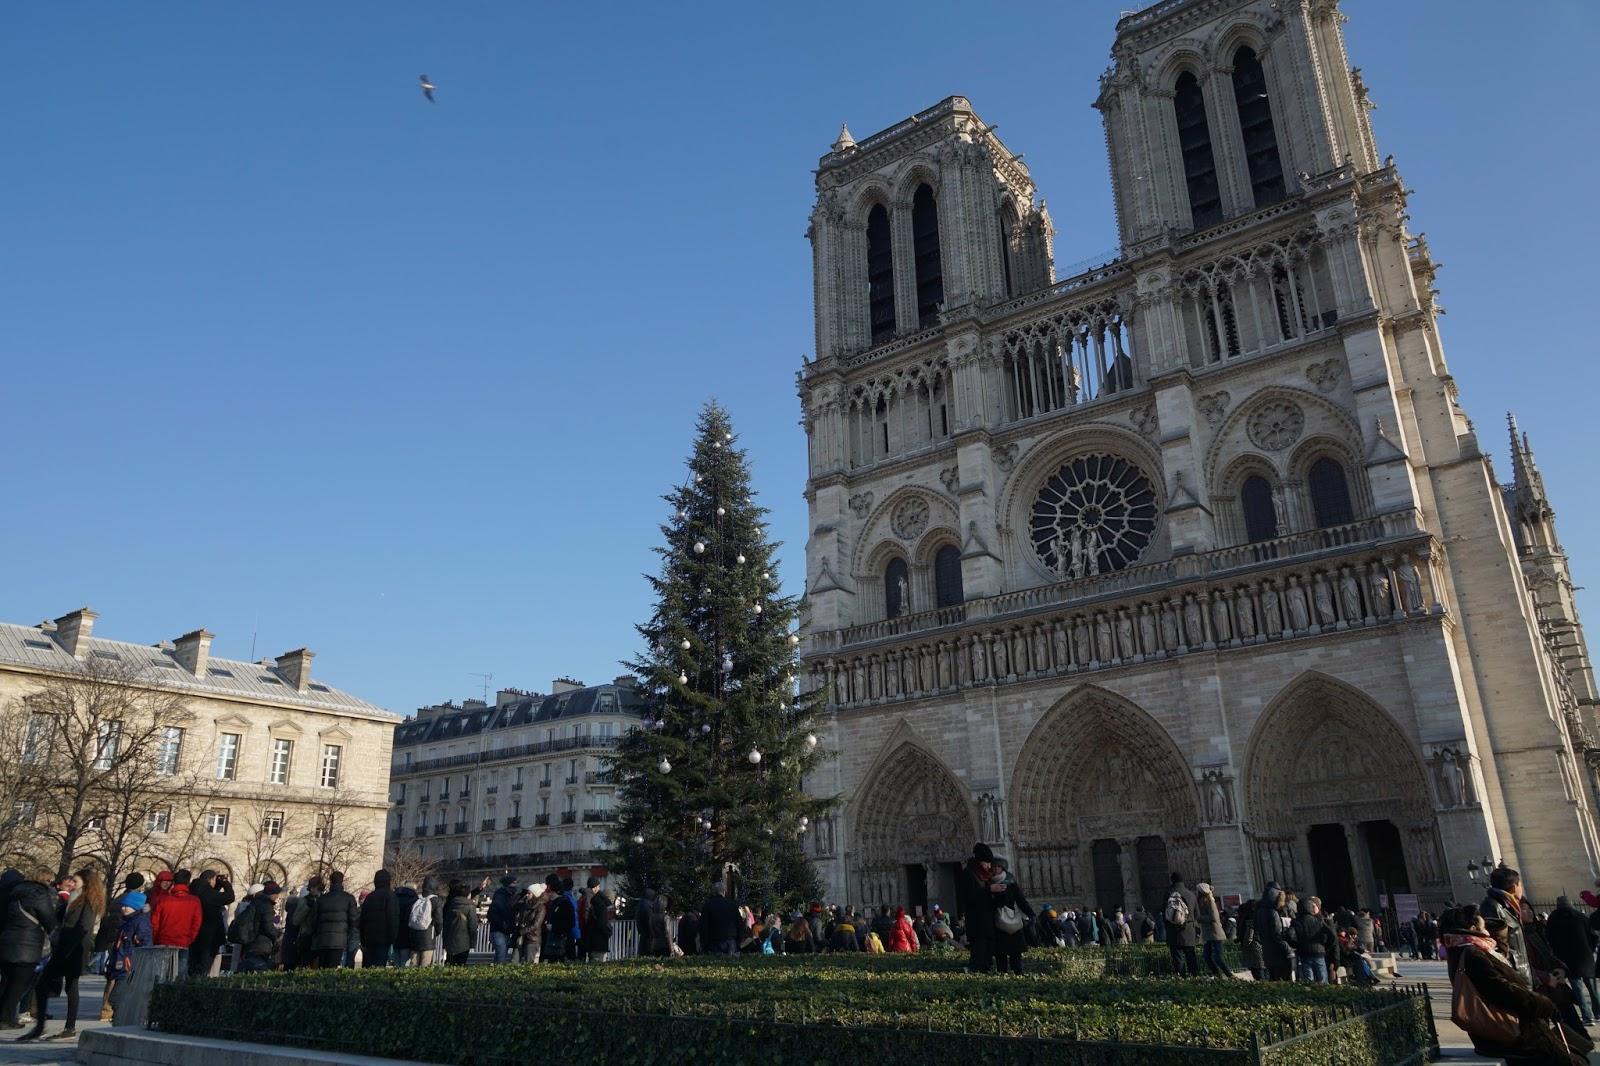 パリのノートルダム大聖堂(Cathédrale Notre-Dame de Paris)